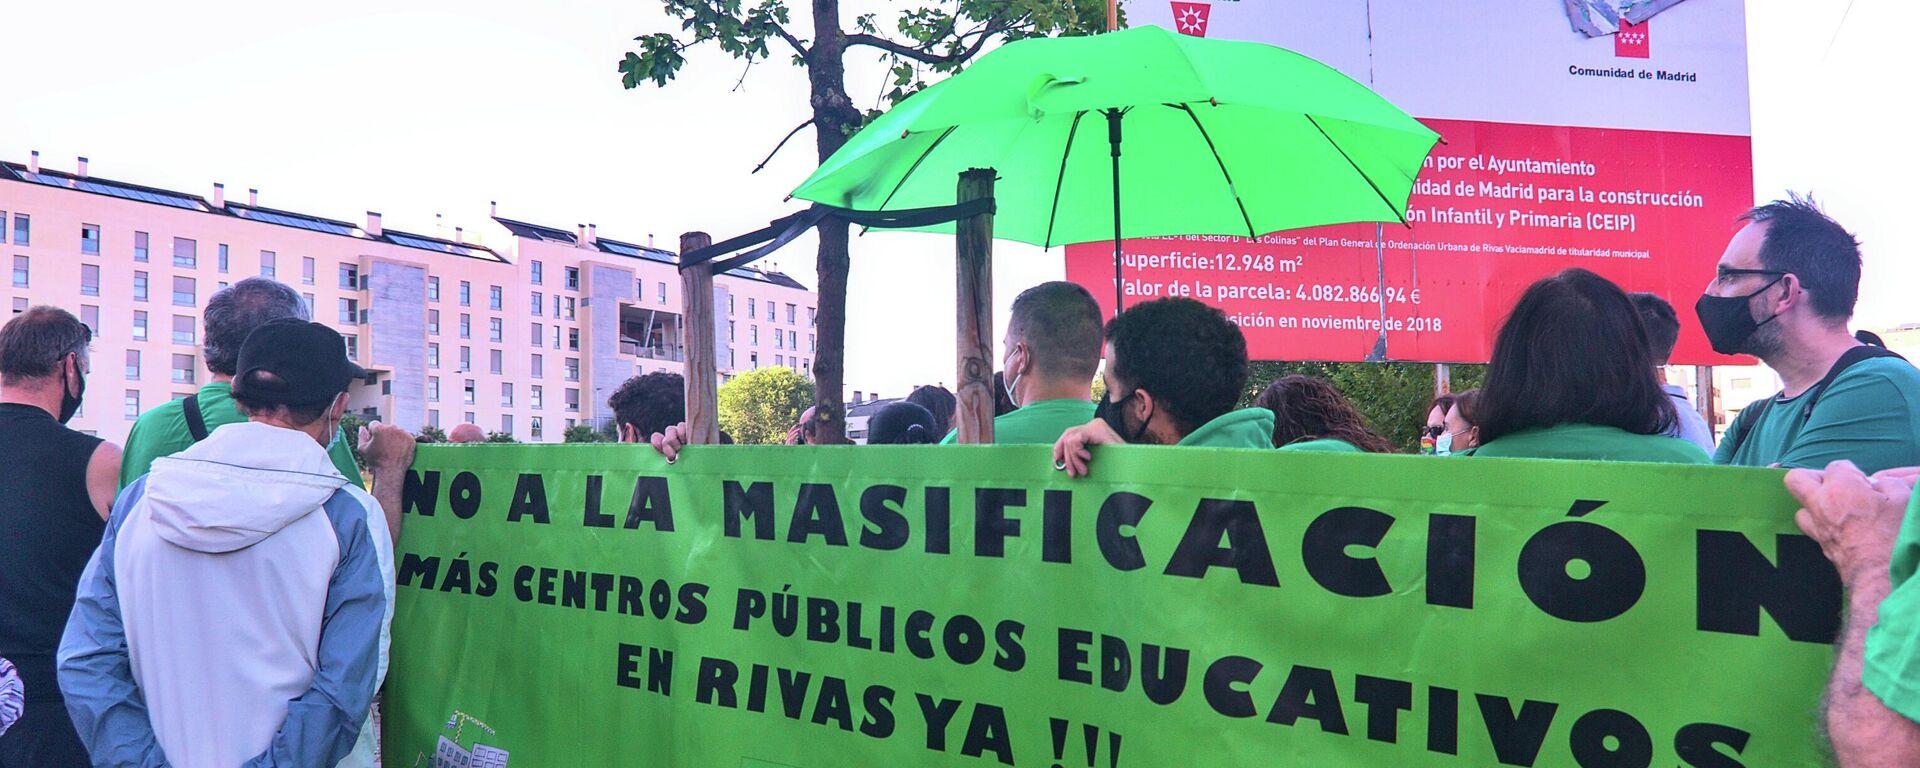 Acto informativo en Rivas-Vaciamadrid sobre la situación en sus centros educativos - Sputnik Mundo, 1920, 01.07.2021